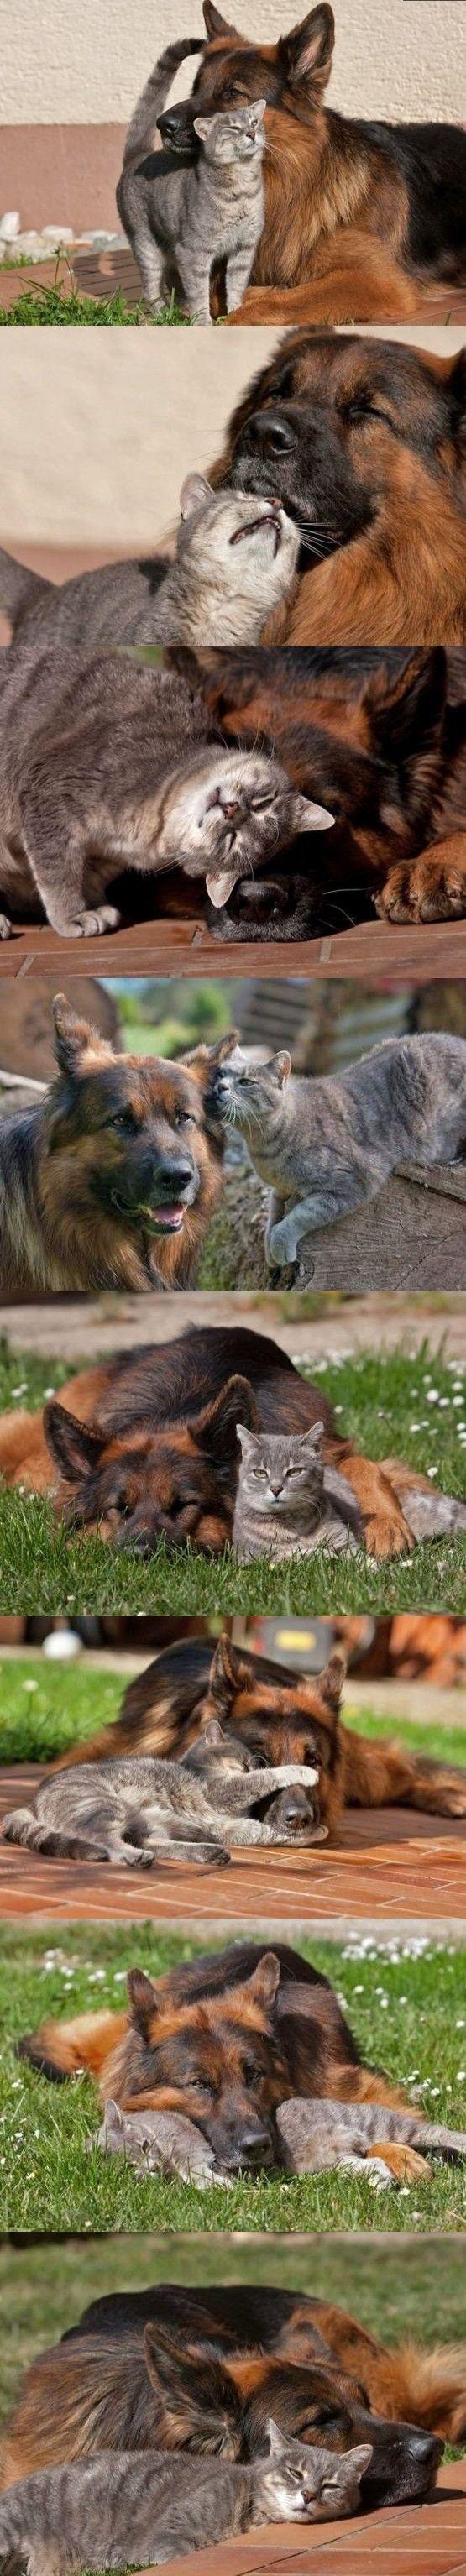 best friends, dog, cat